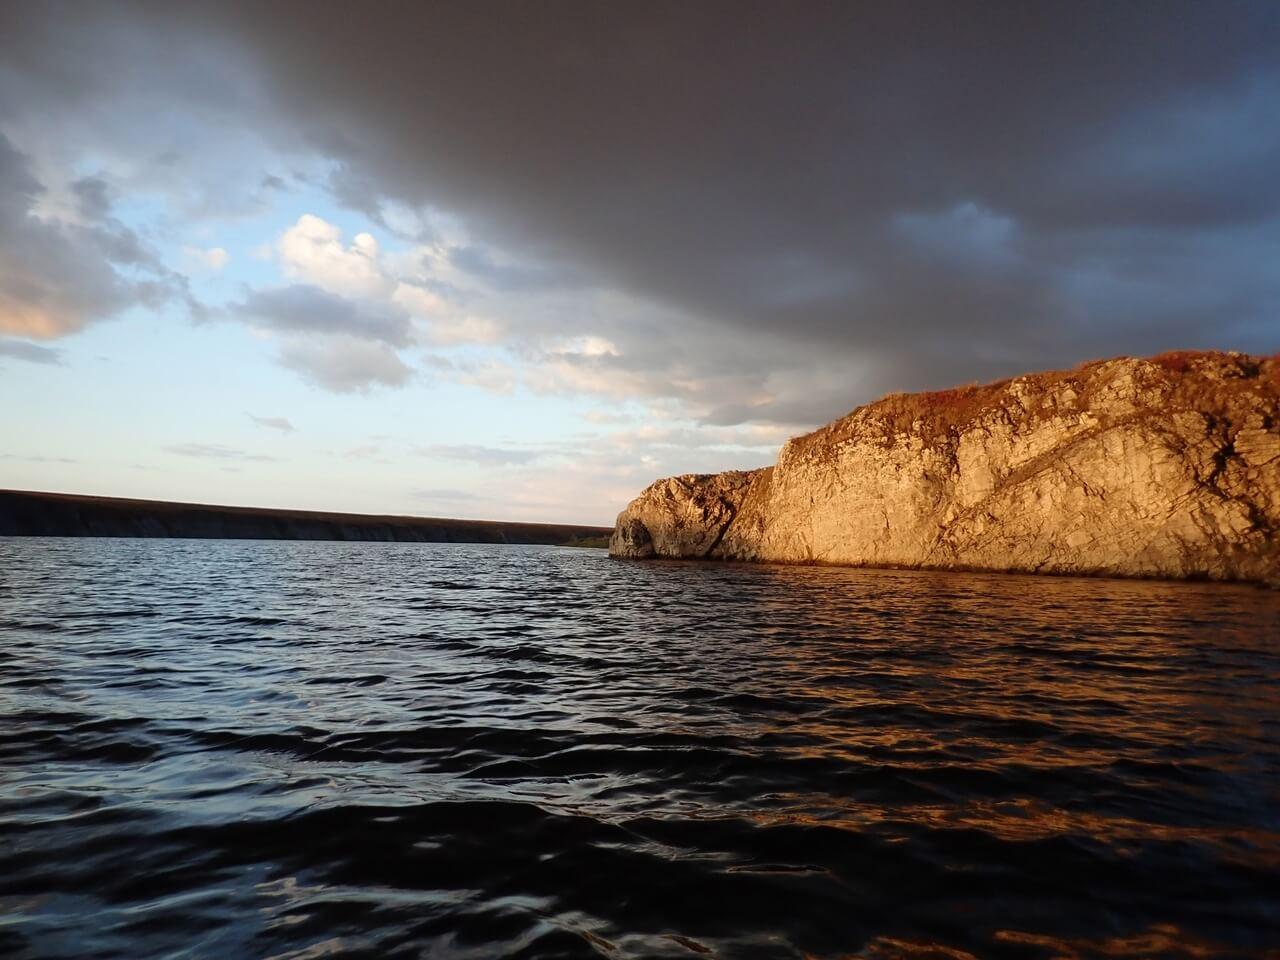 река Малая Уса и озеро Усваты